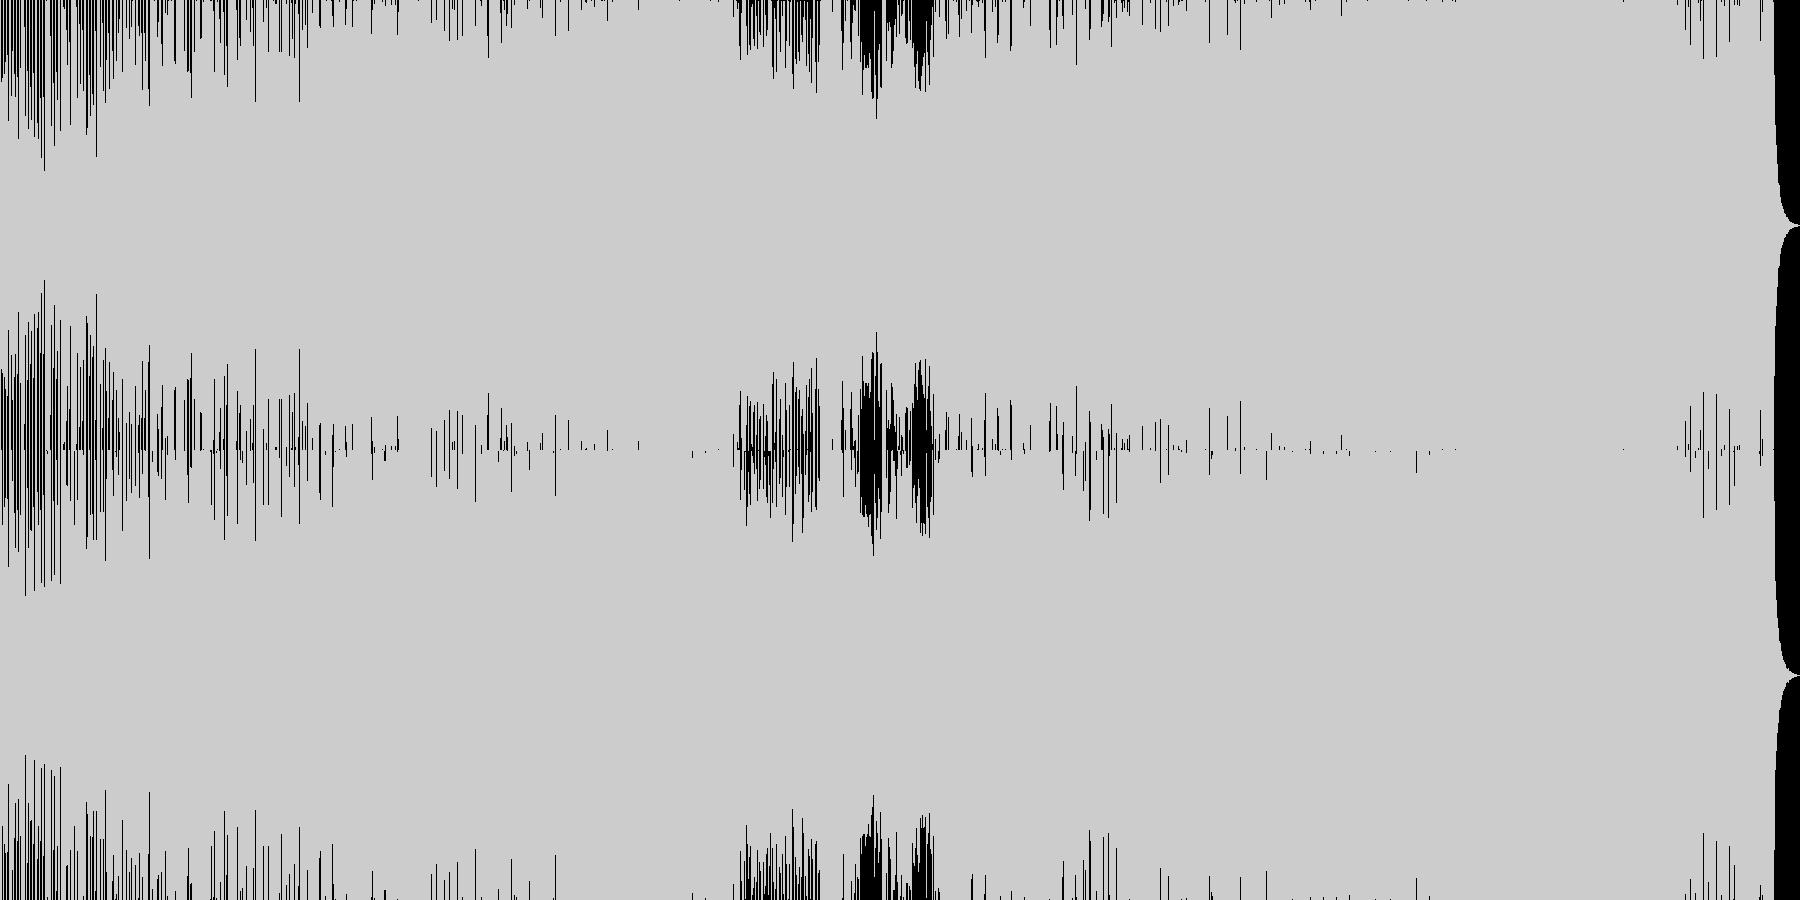 エモーショナルなハウス・トランスサウンドの未再生の波形